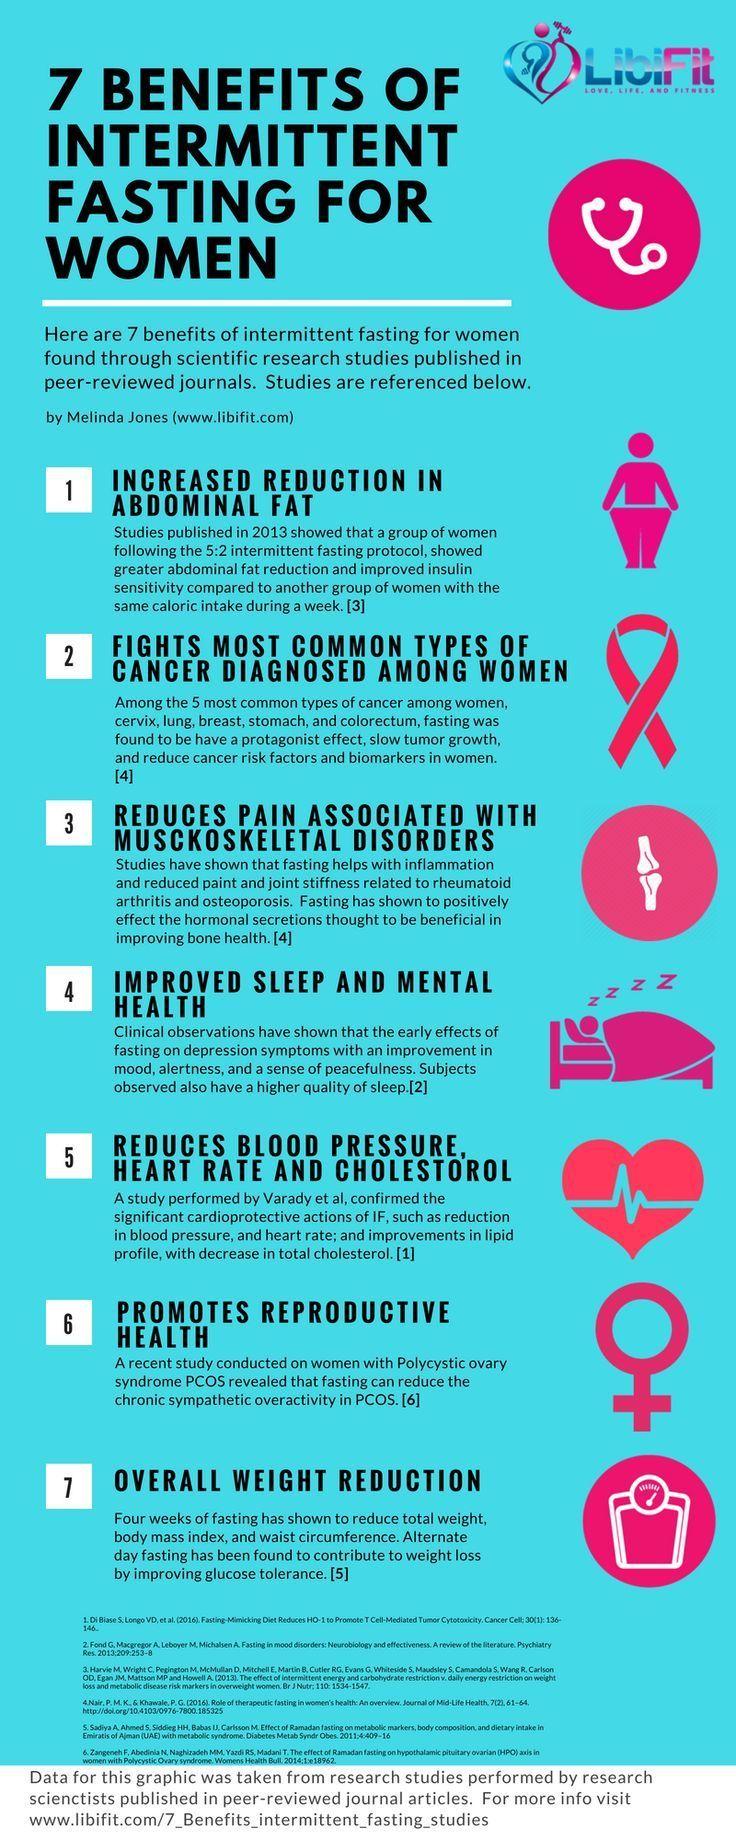 Photo of Schauen Sie sich diese 7 Vorteile des intermittierenden Fastens für Frauen an